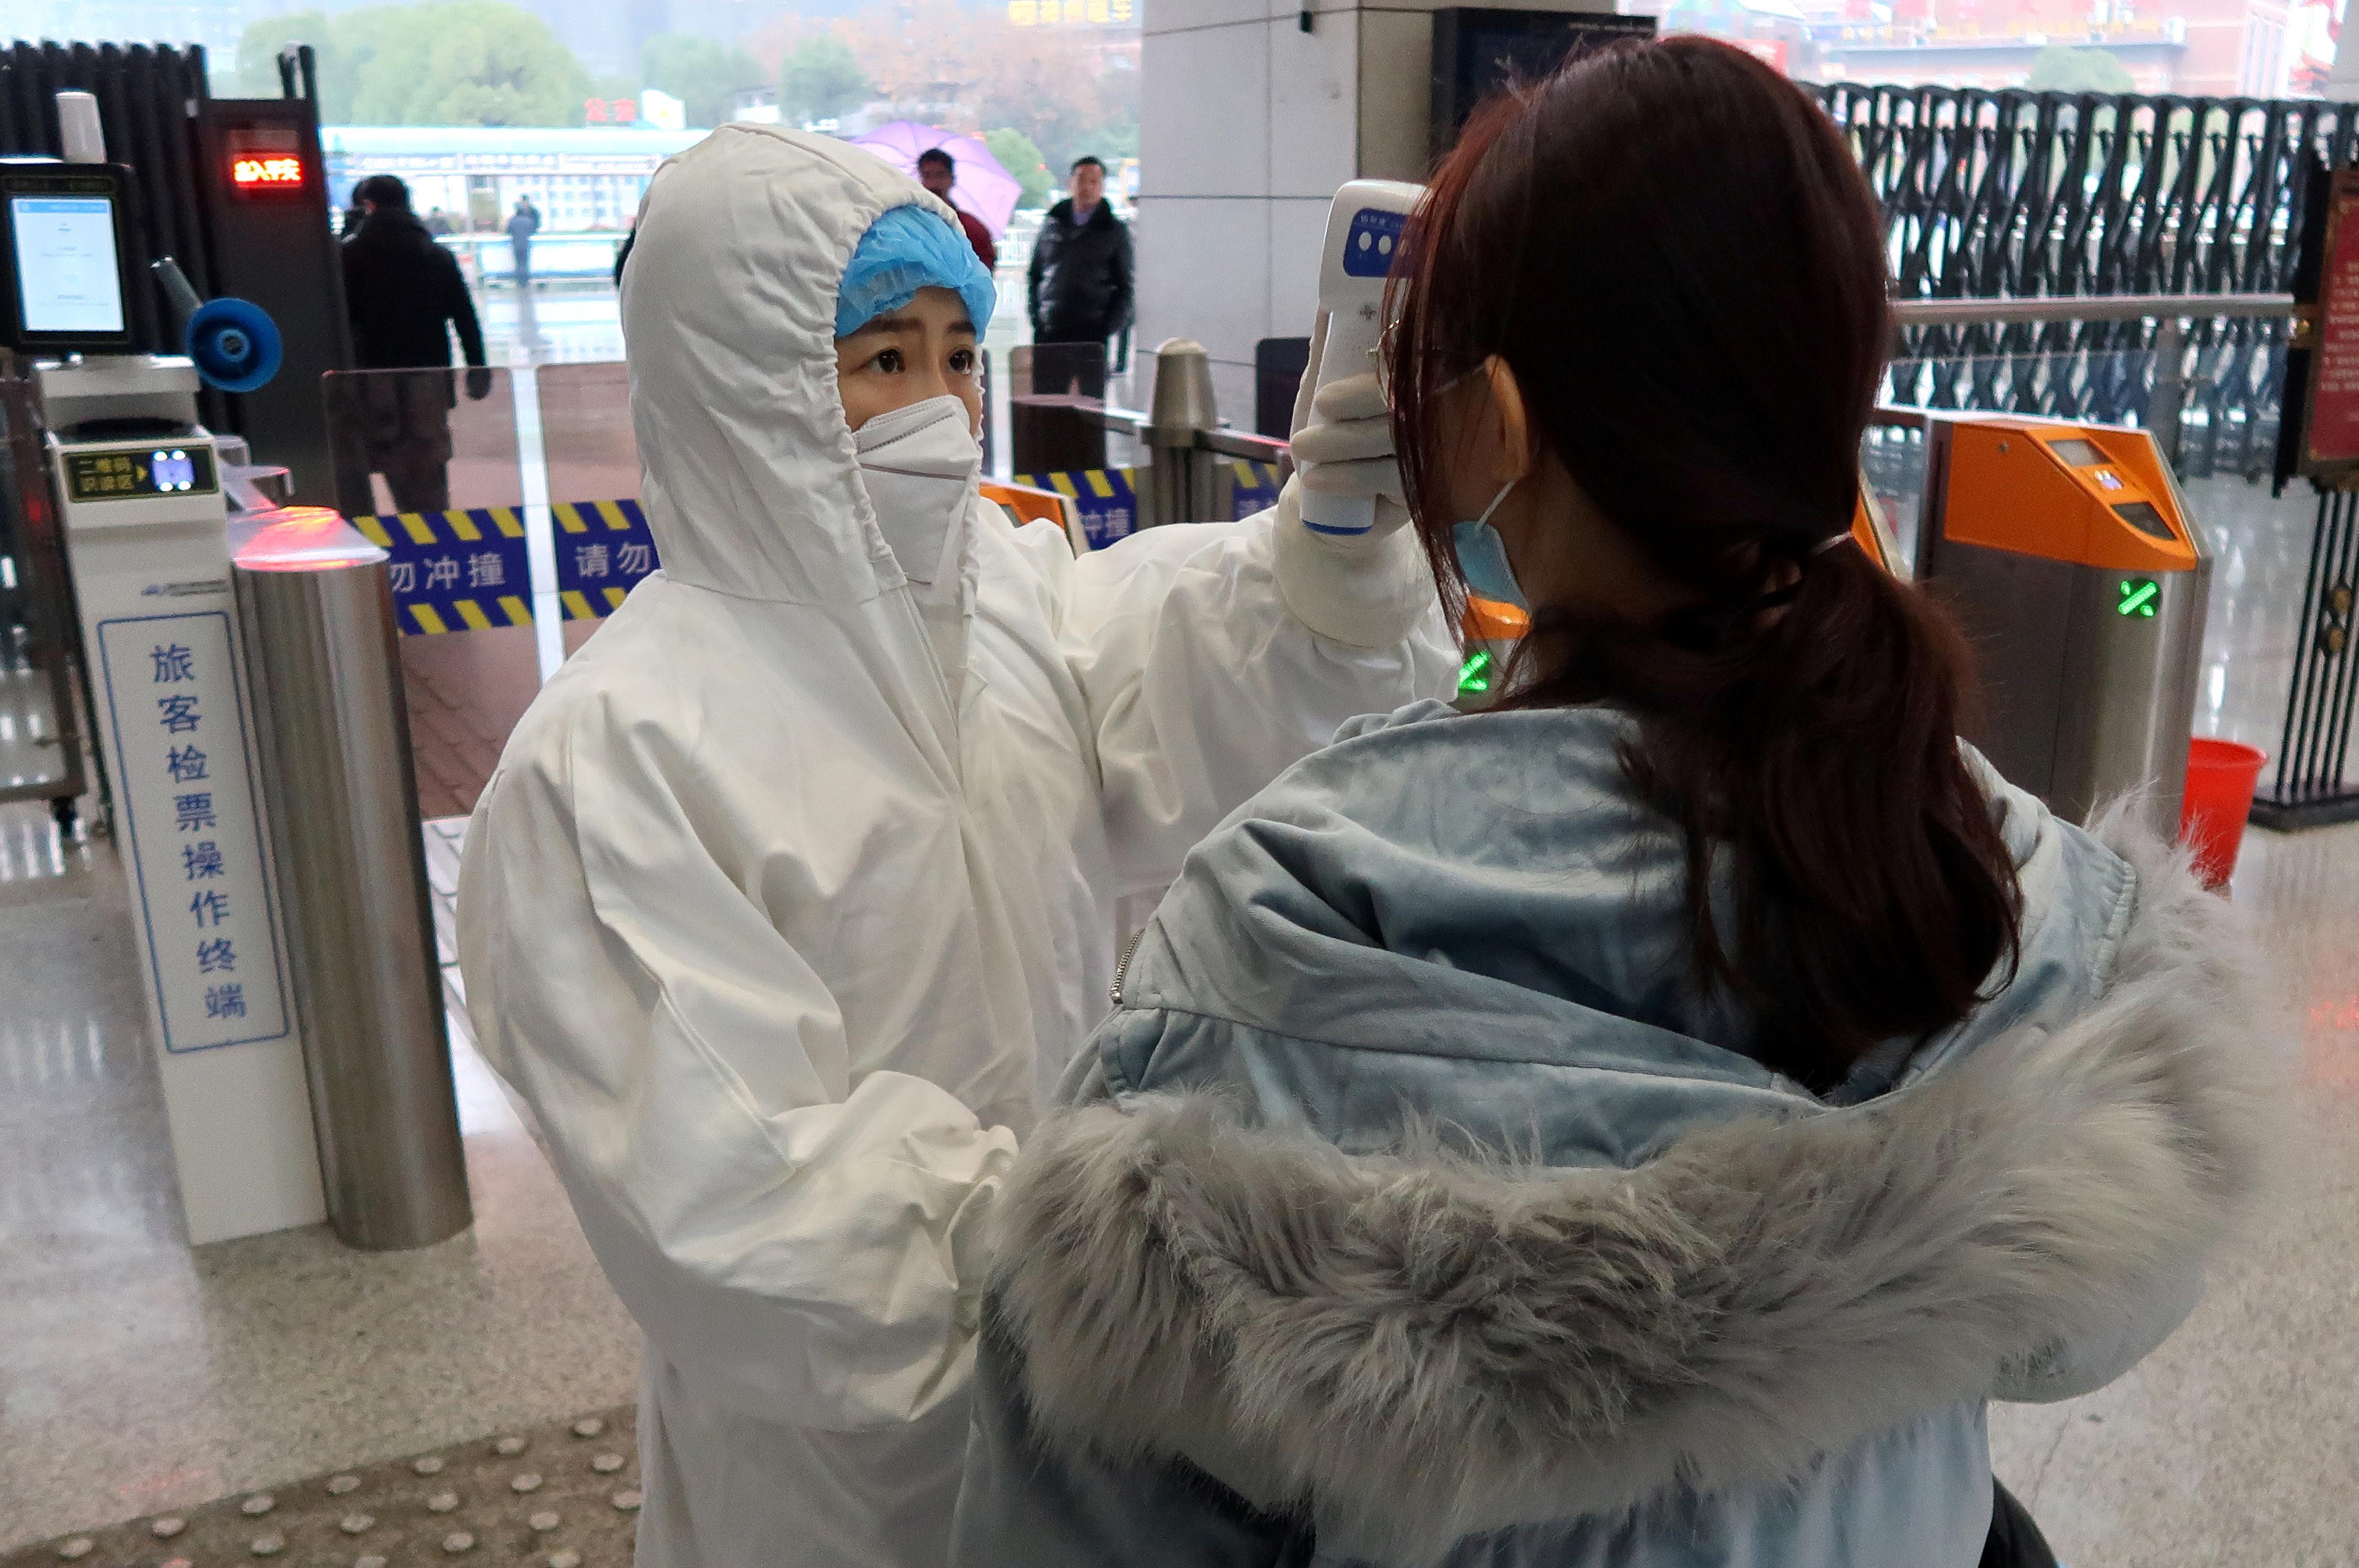 La Chine entre dans la nouvelle année lunaire à l'arrêt alors que le nombre de virus atteint 26